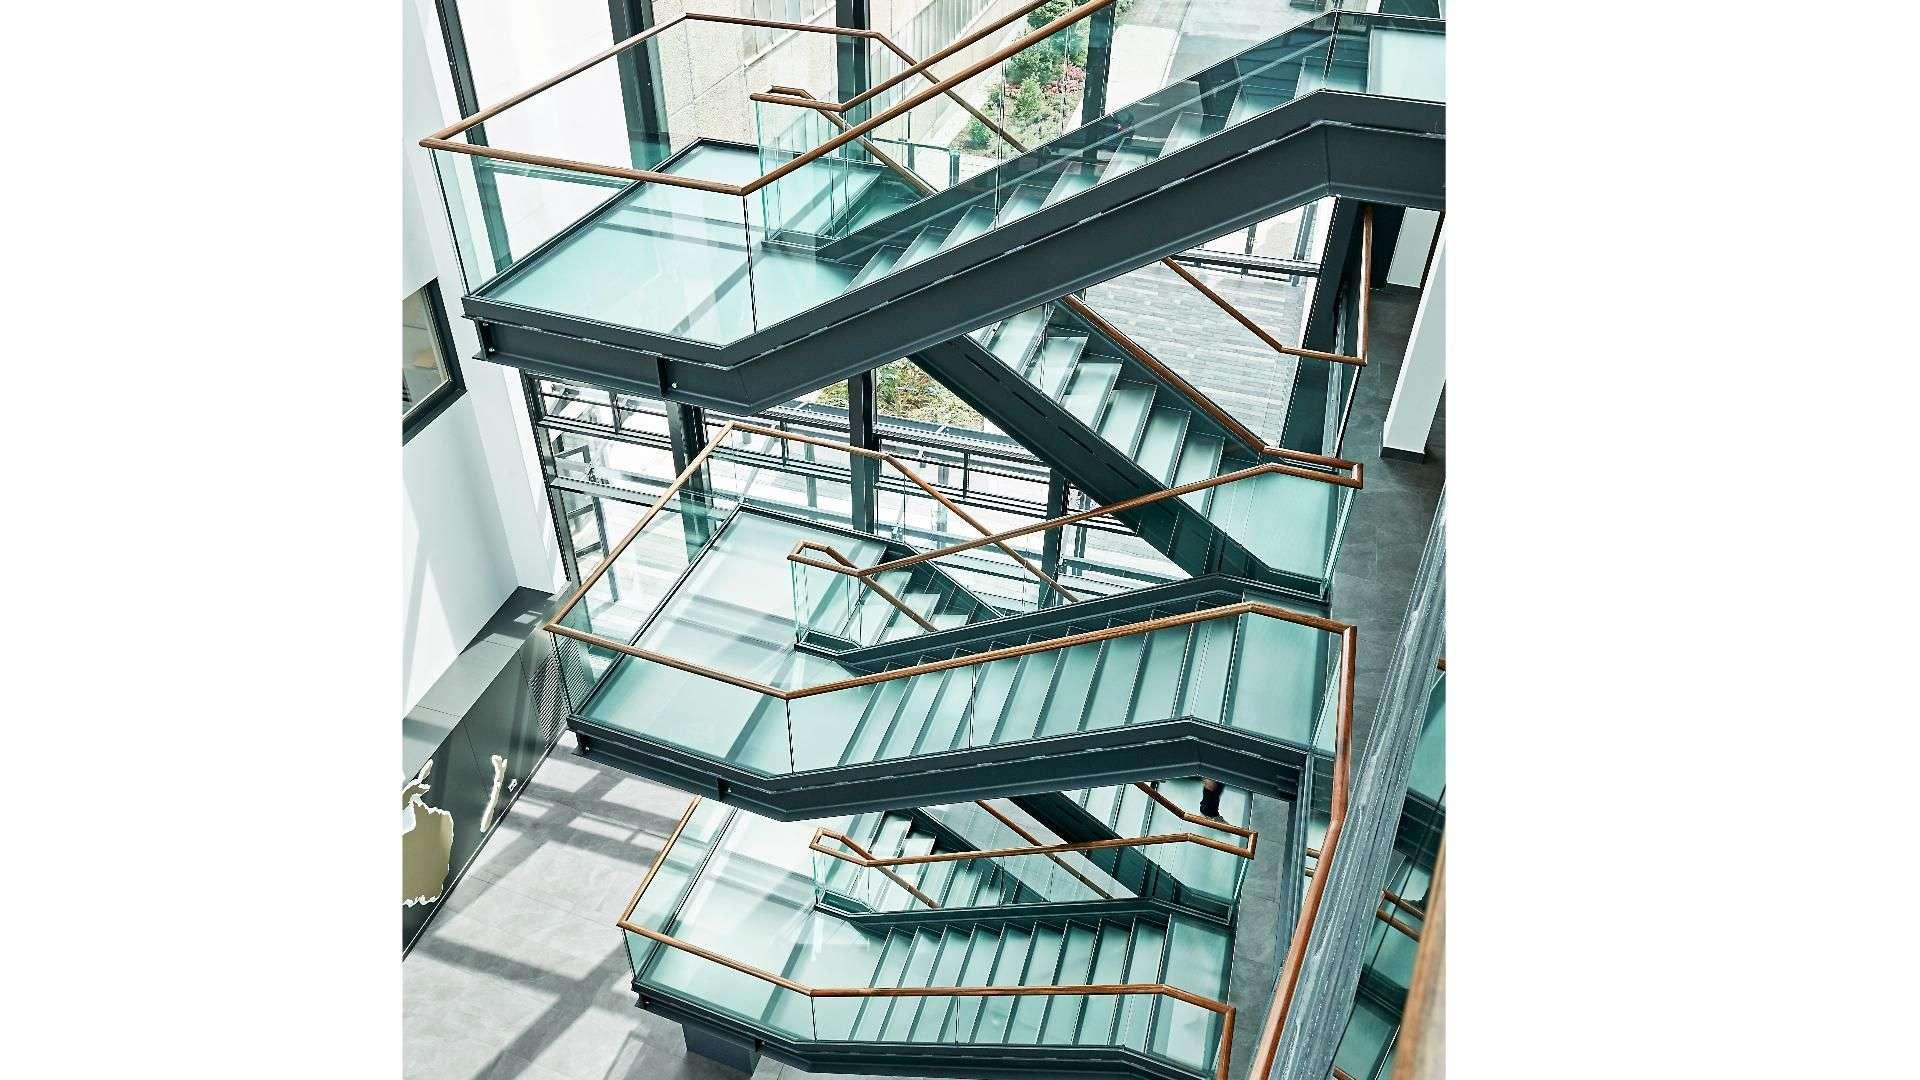 Glasgeländer an einer Treppe